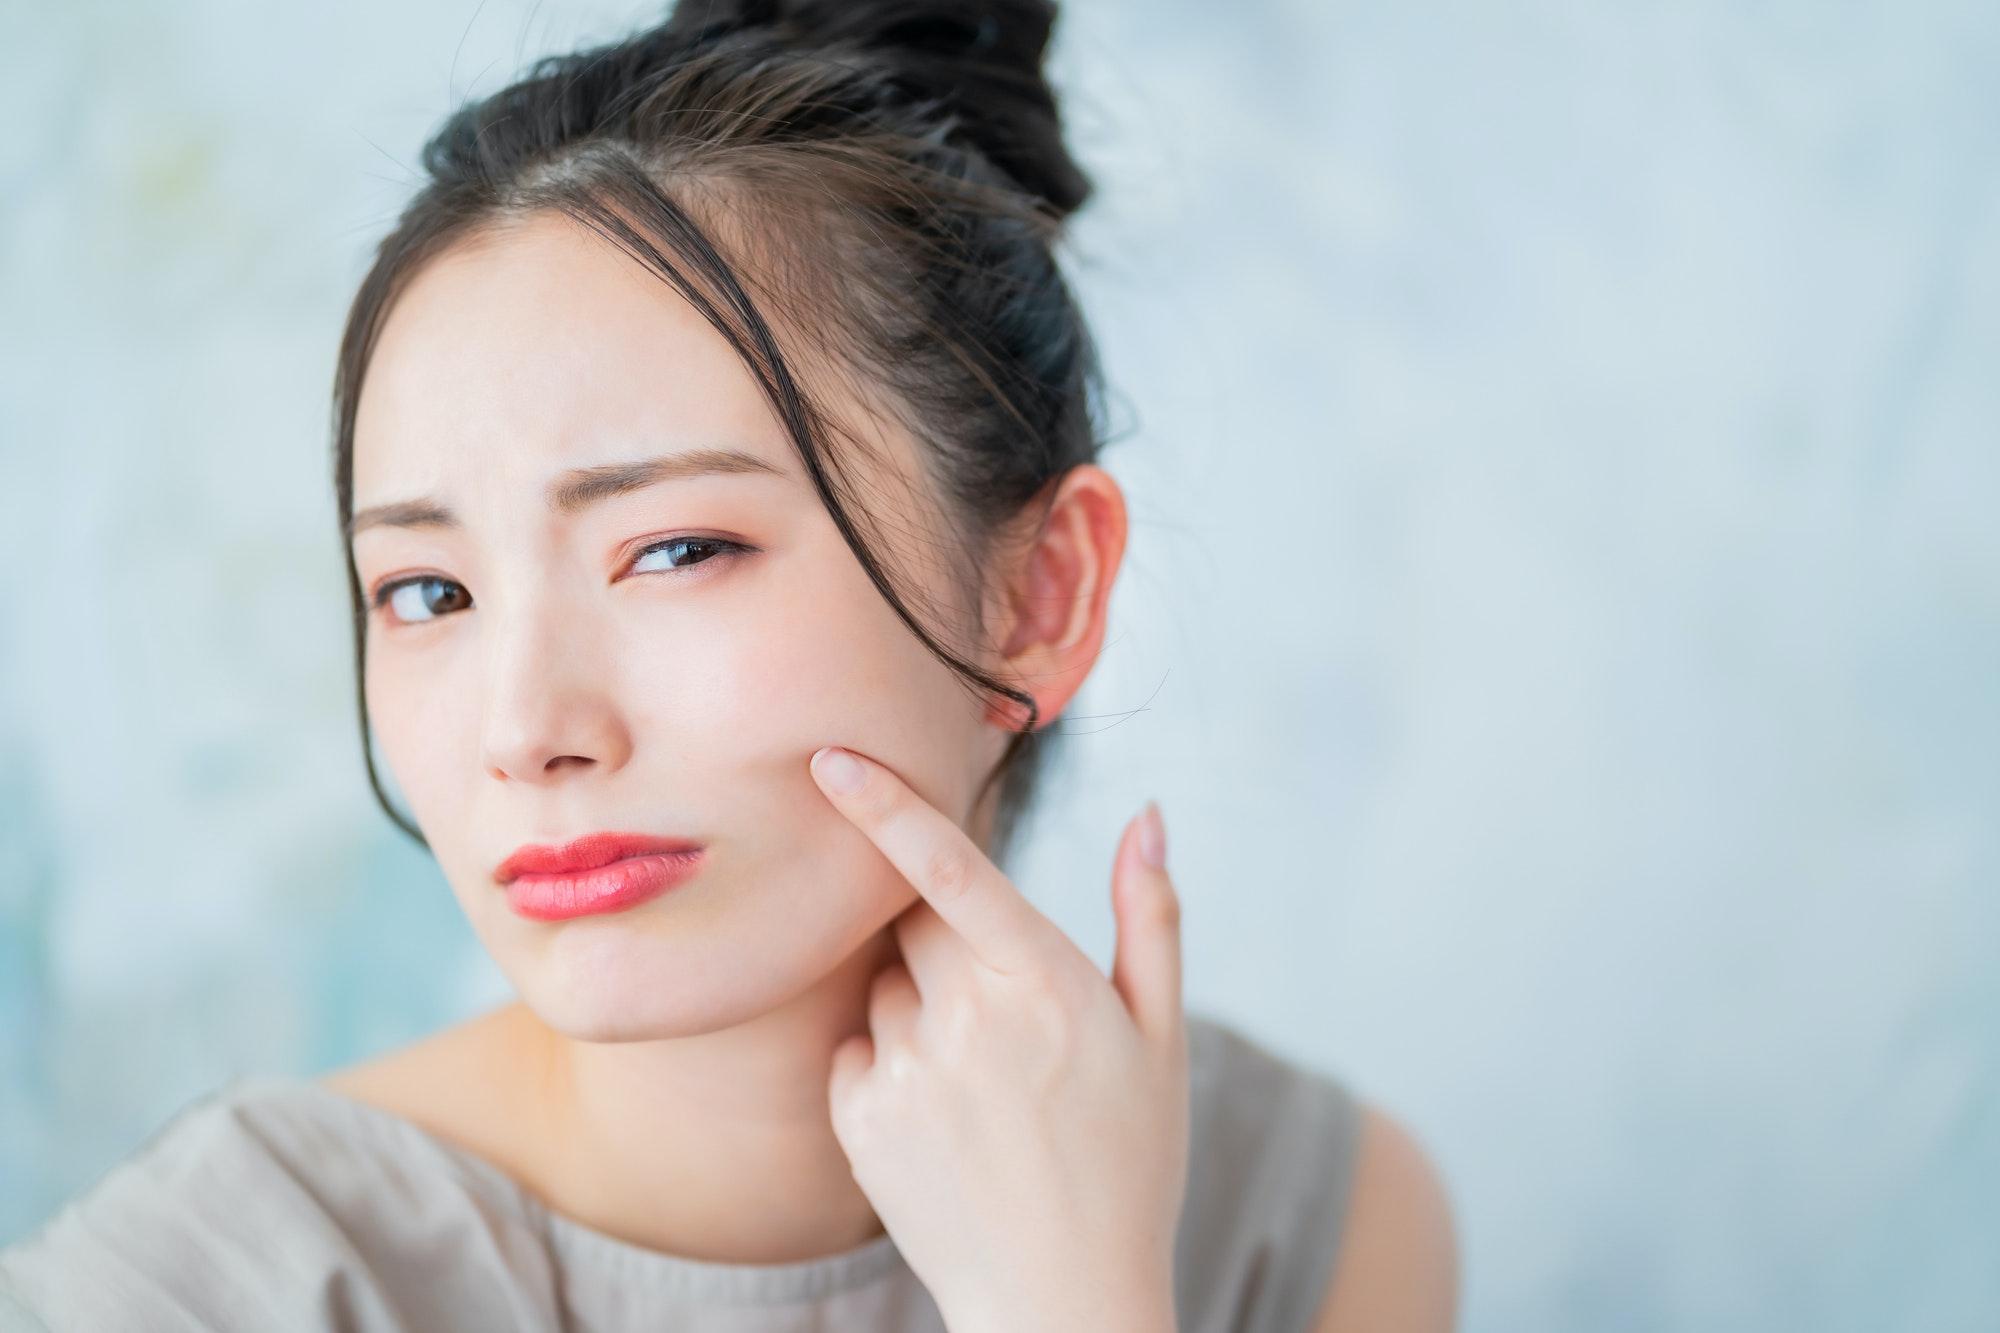 毛穴トラブルの種類とは?原因と毛穴レスの肌を目指す方法を紹介